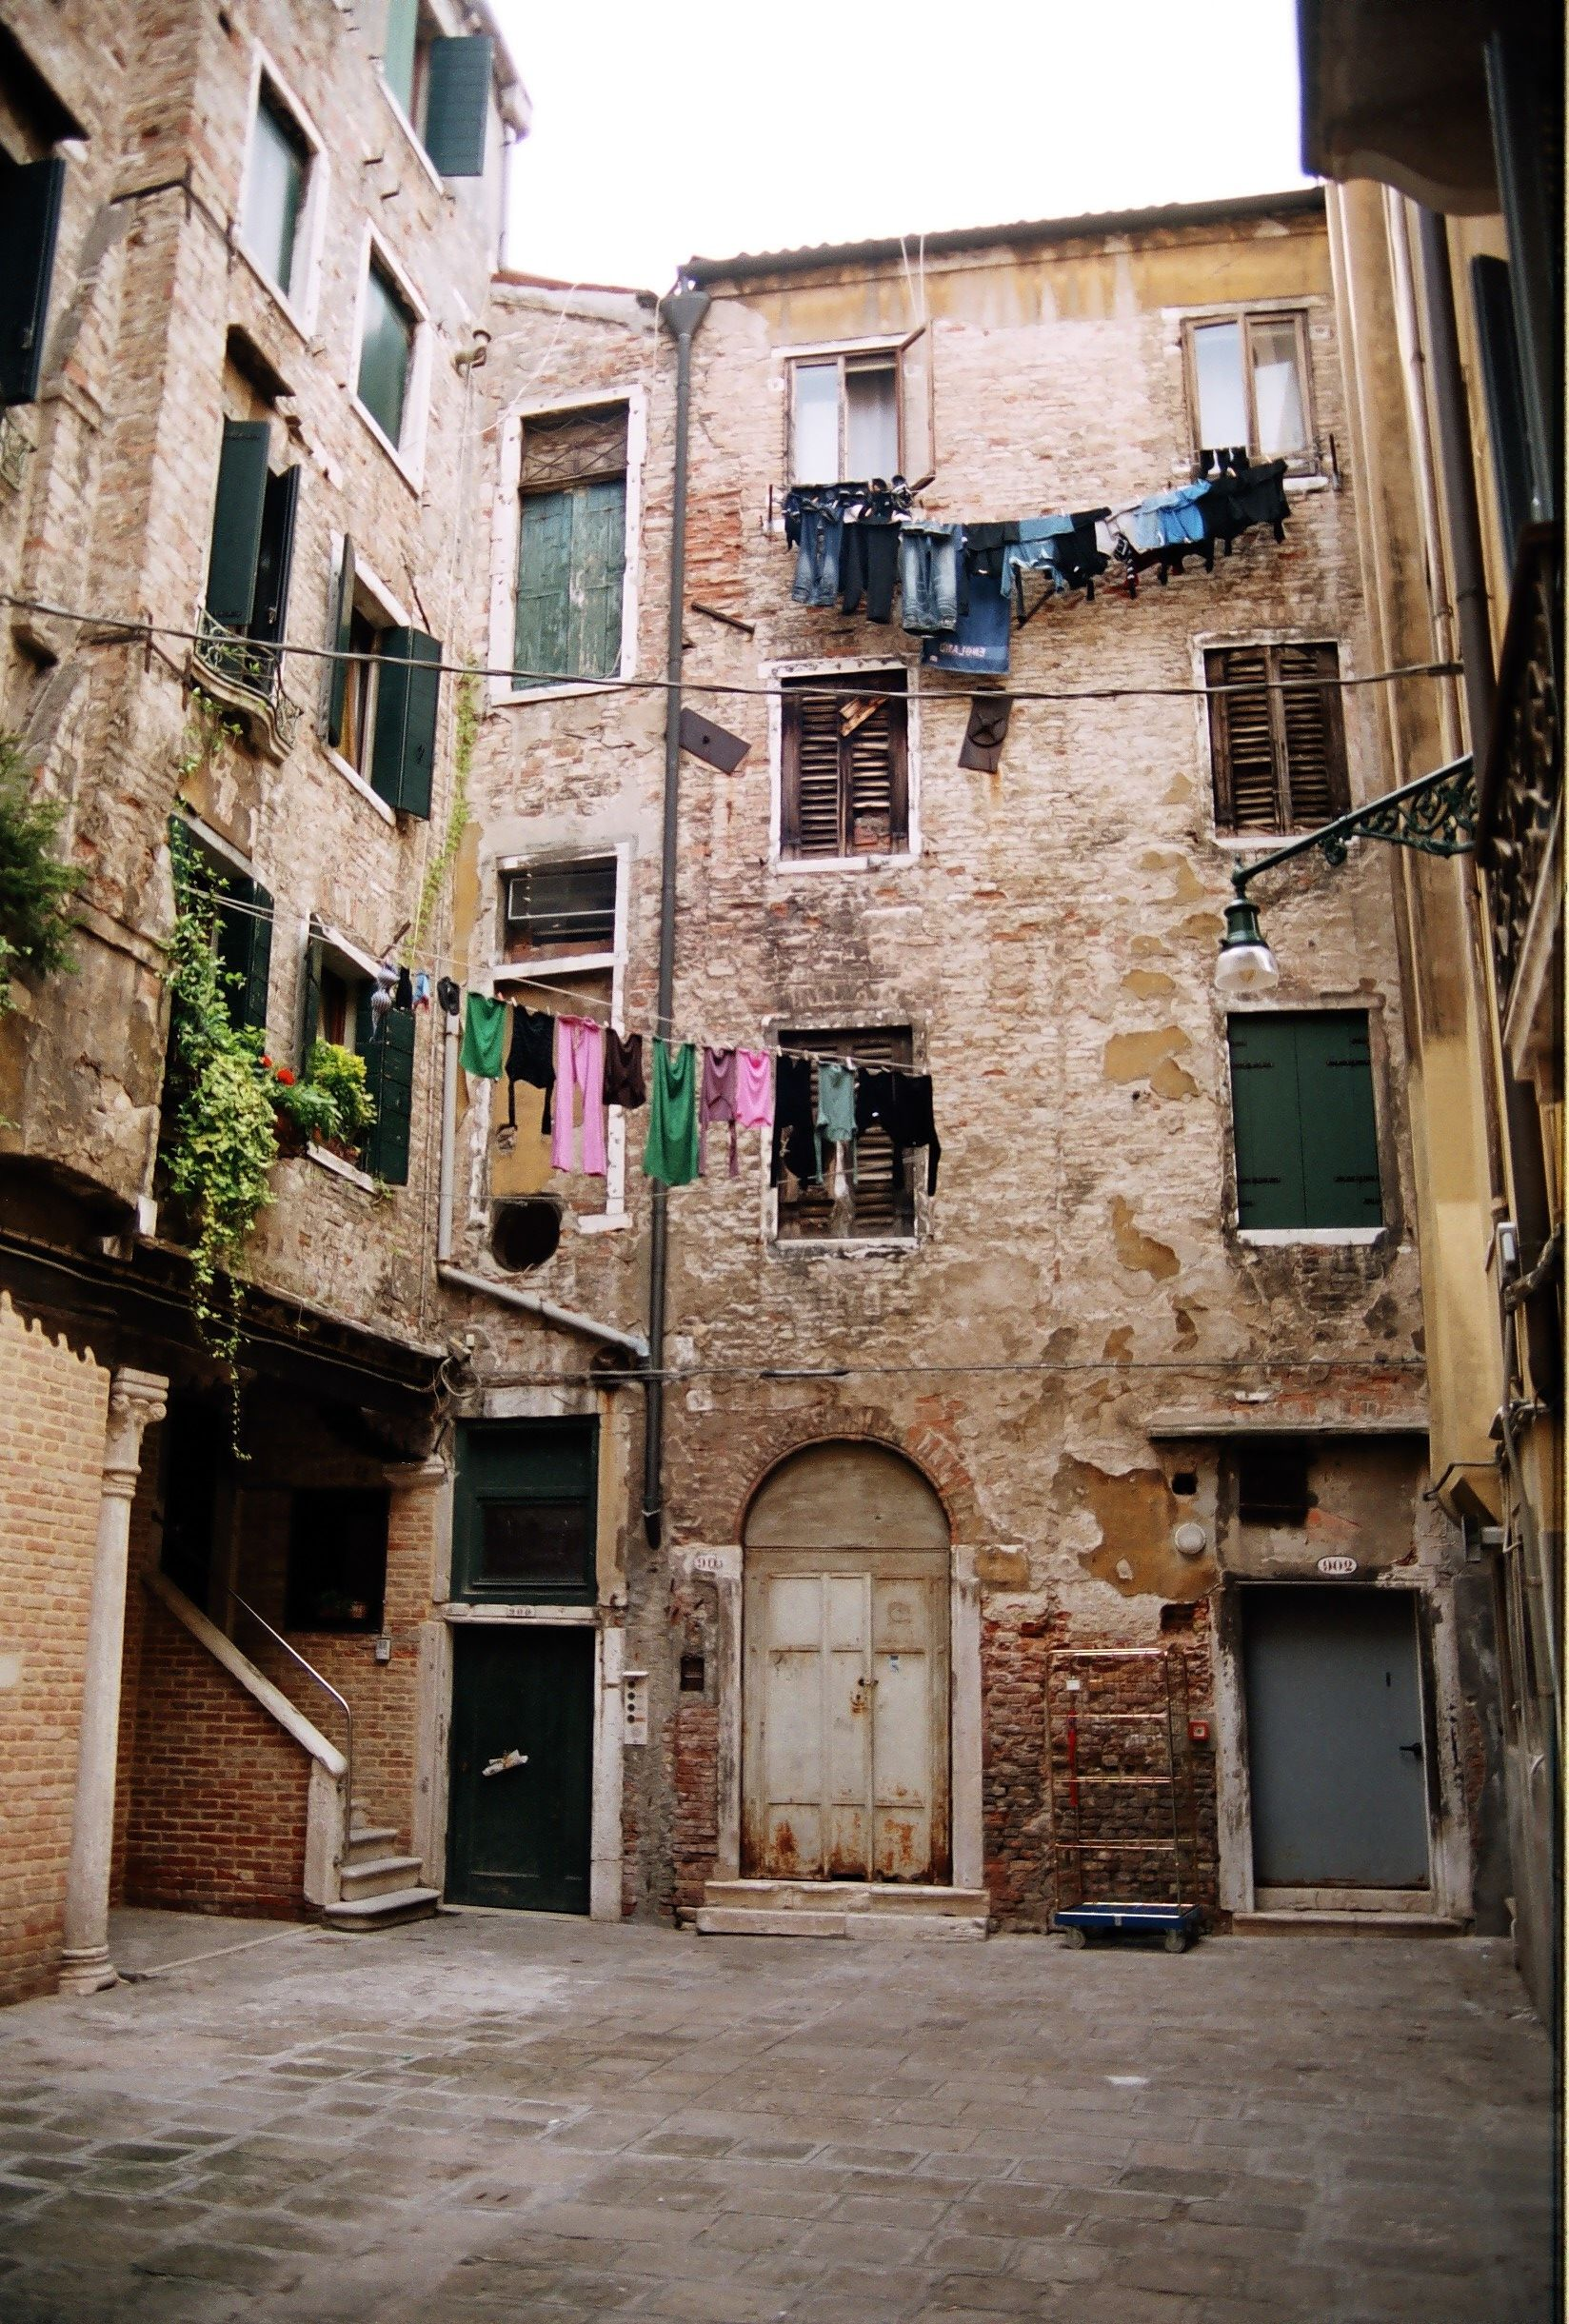 Hinterhof In Venedig Venedig La Serenissima